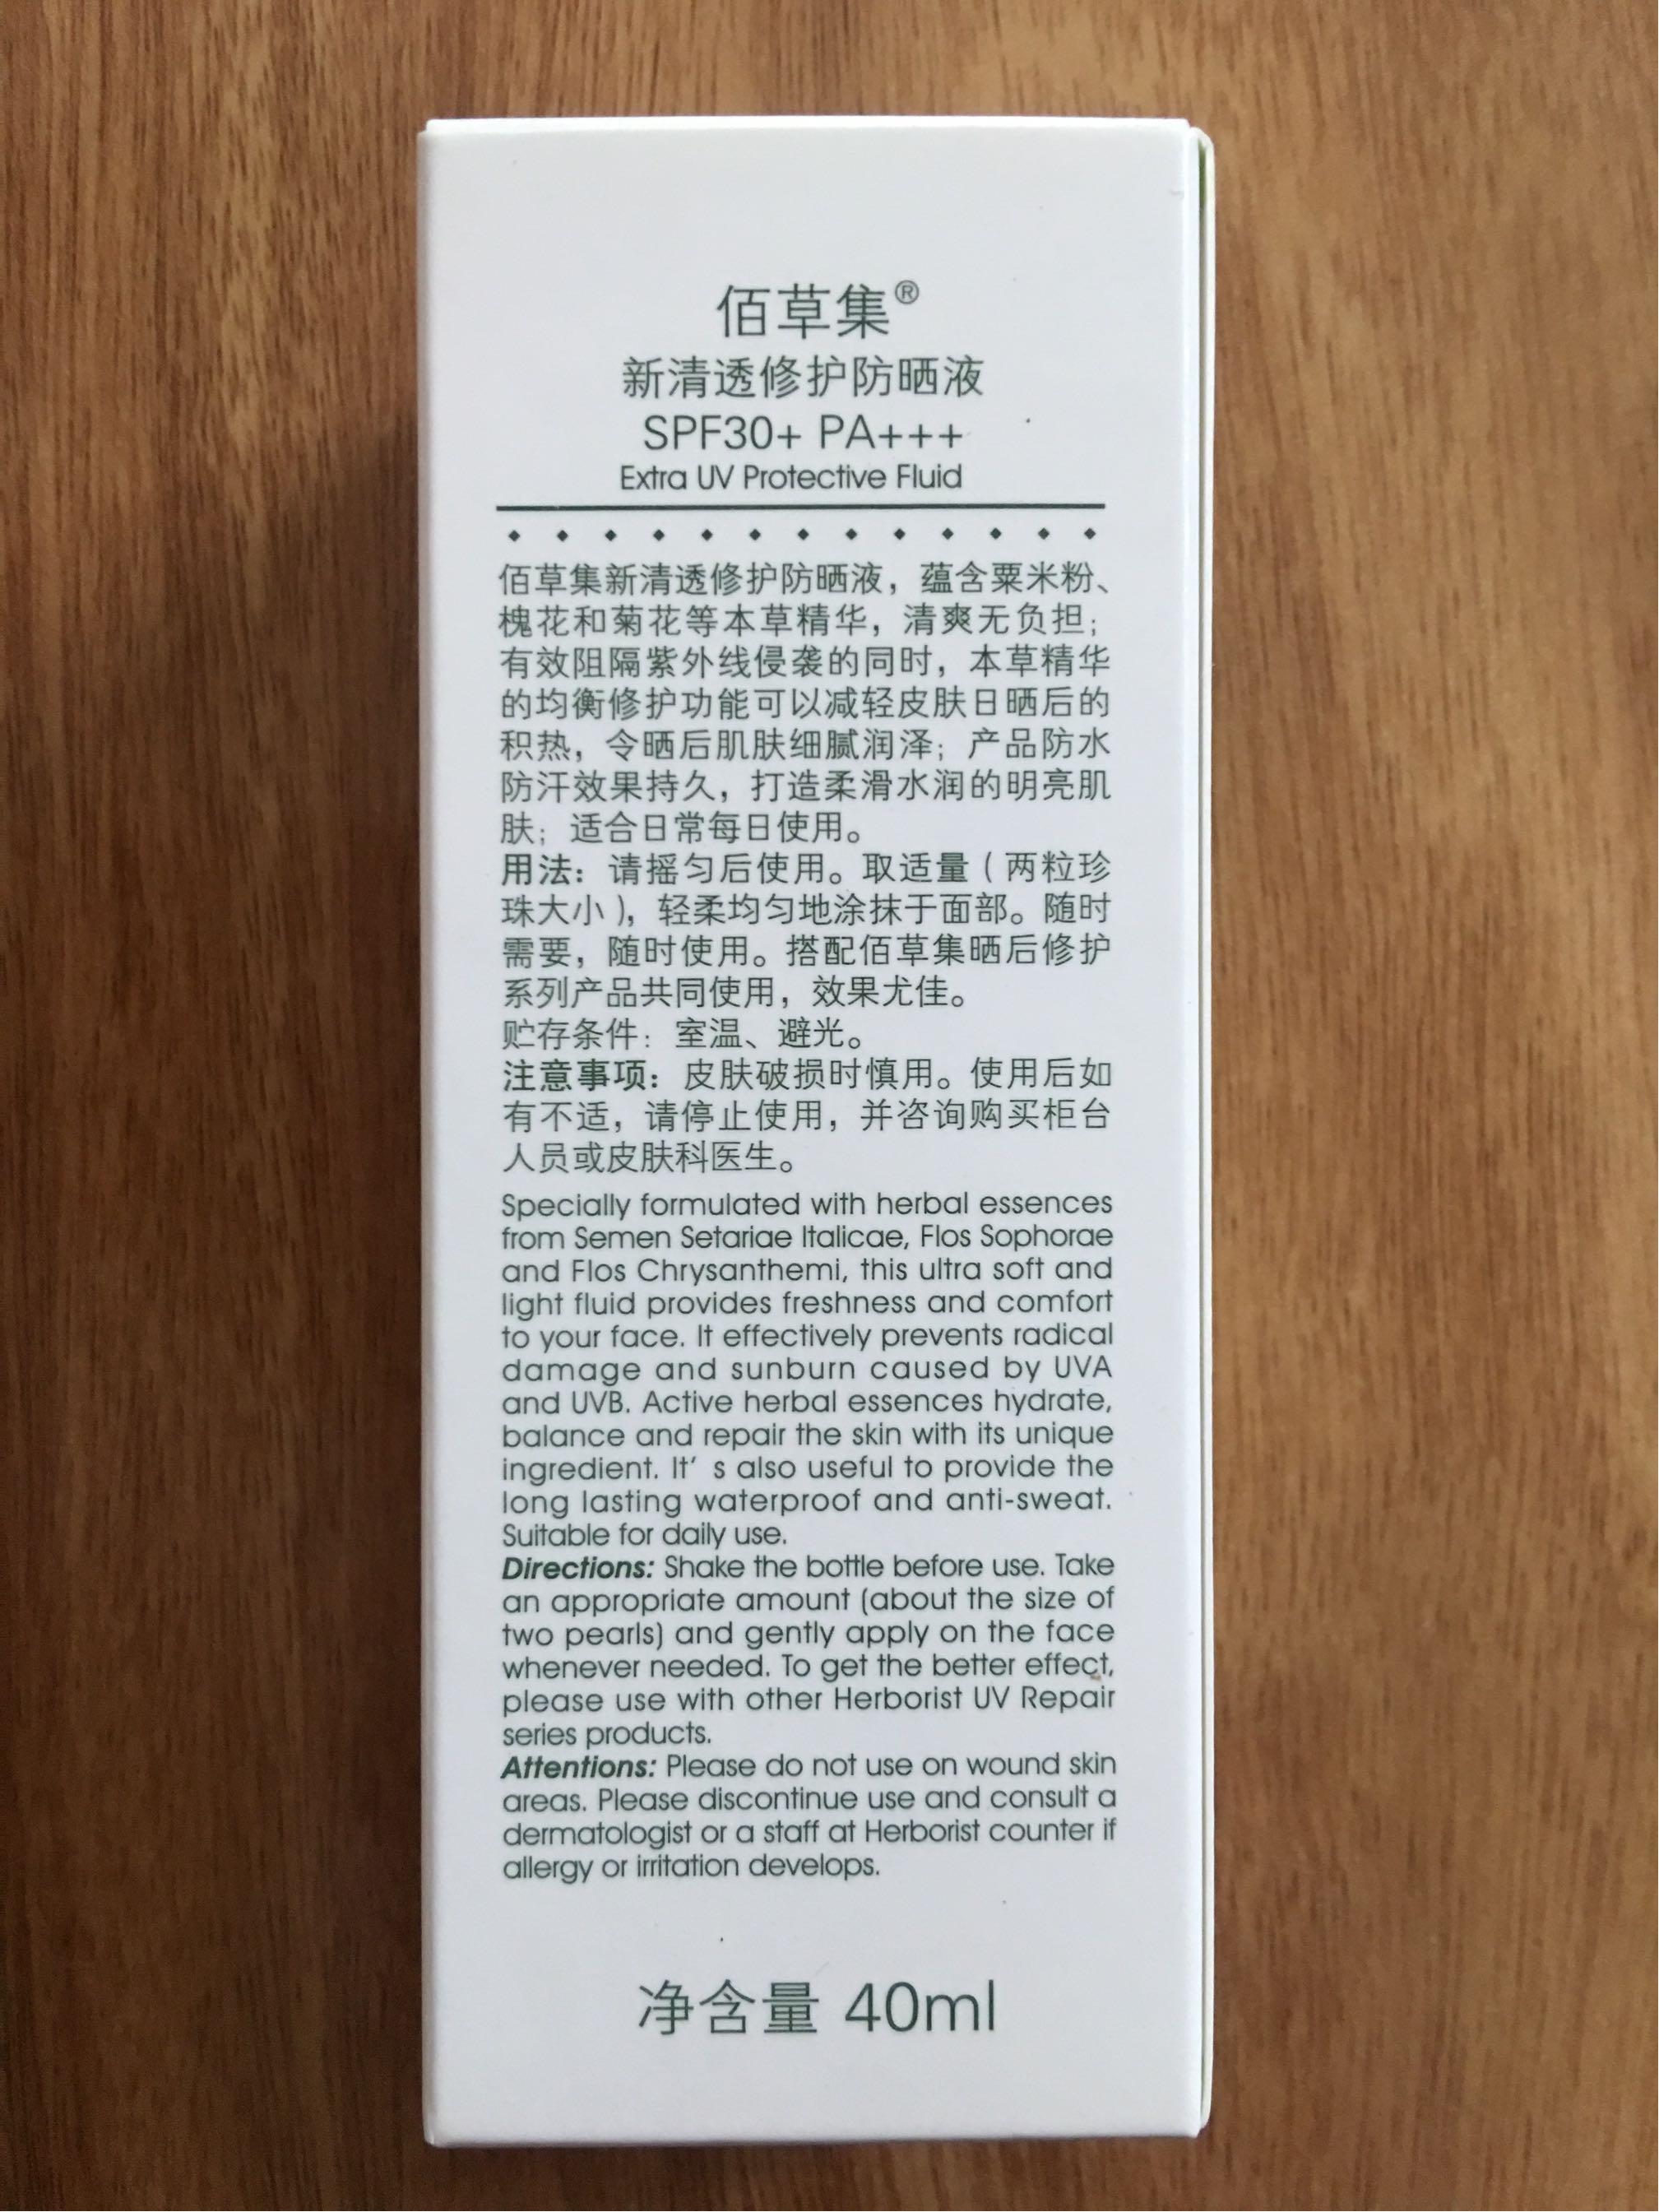 佰草集新清透防晒液40ml